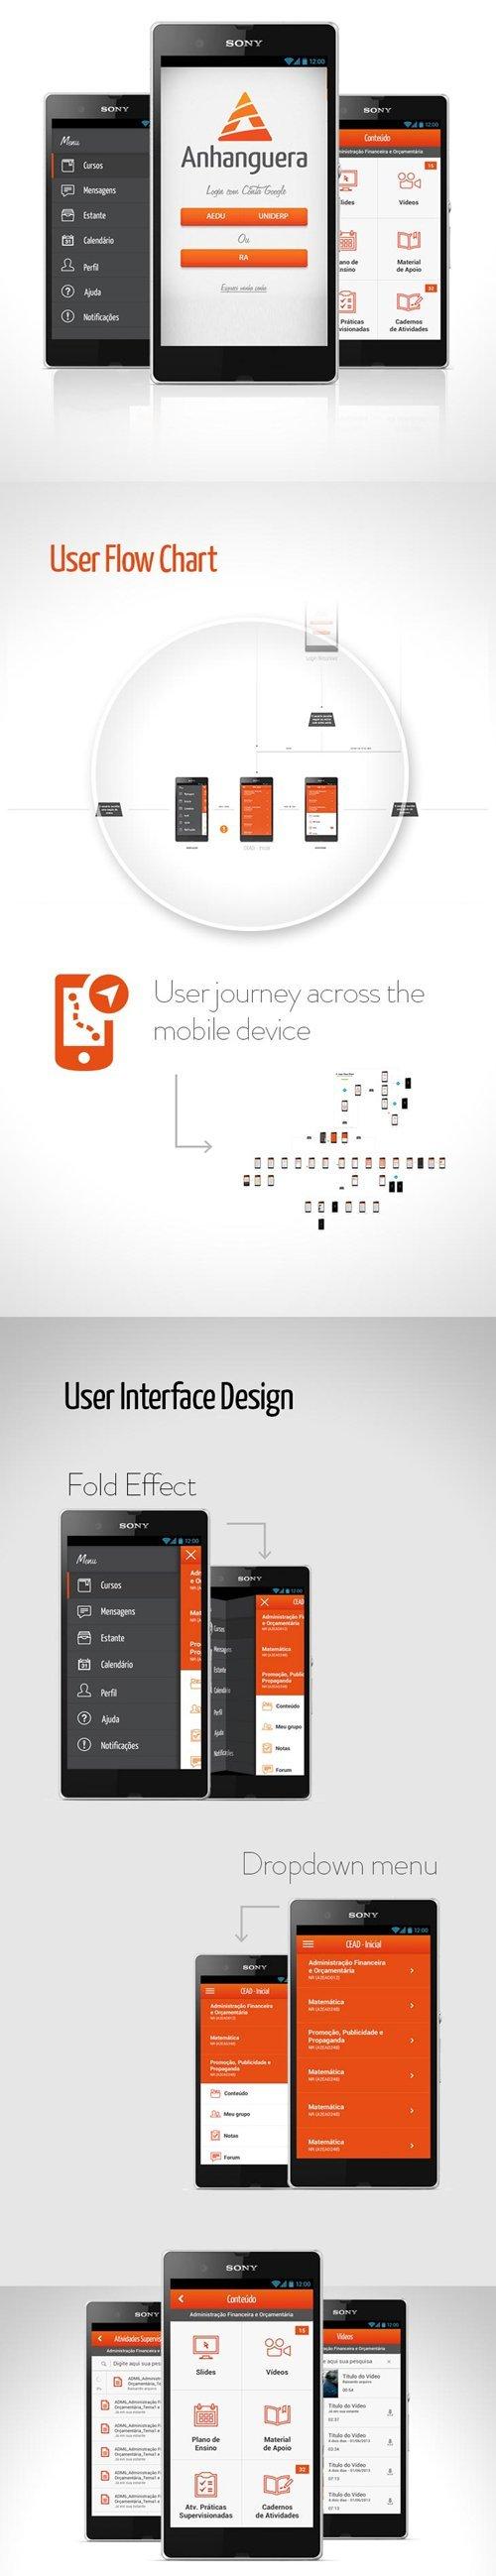 手机界面设计UI/UX-16